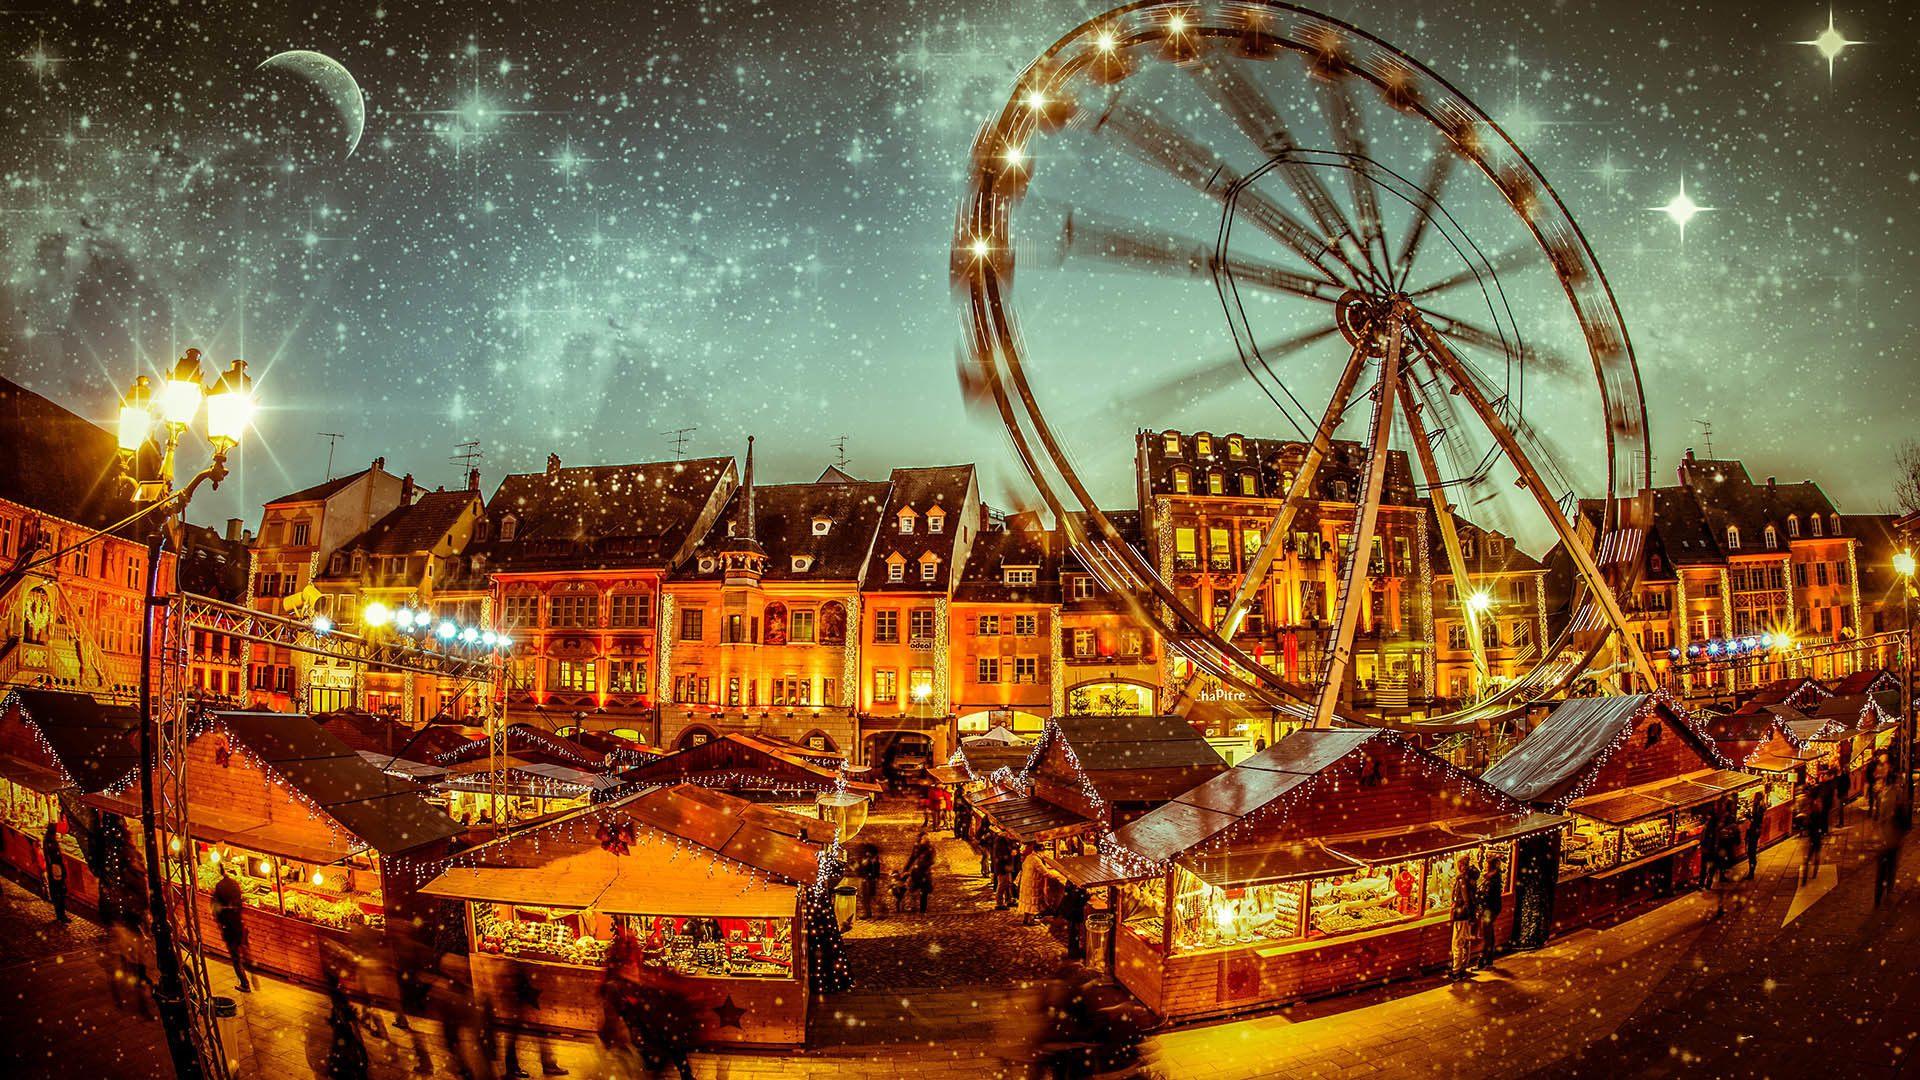 Le marché de Noël de Mulhouse par Thomas Itty